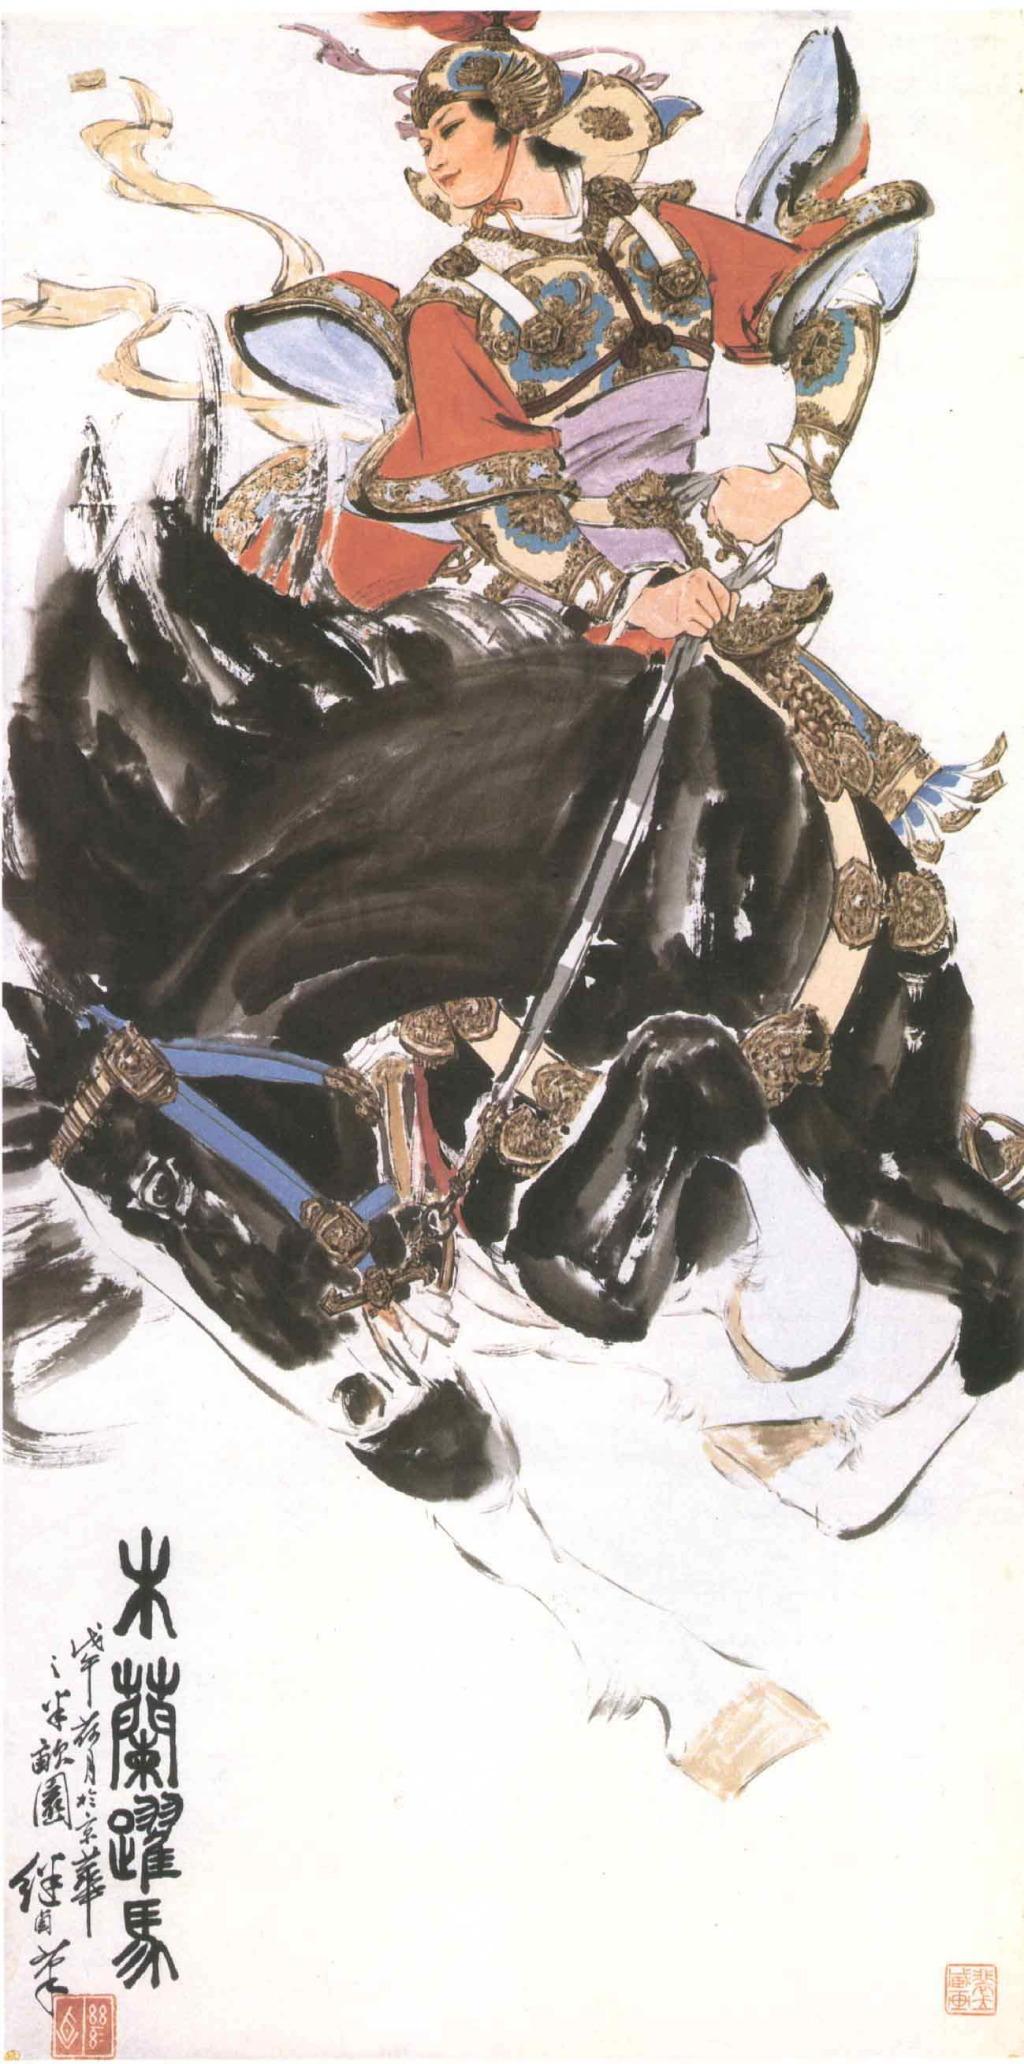 《木兰跃马》